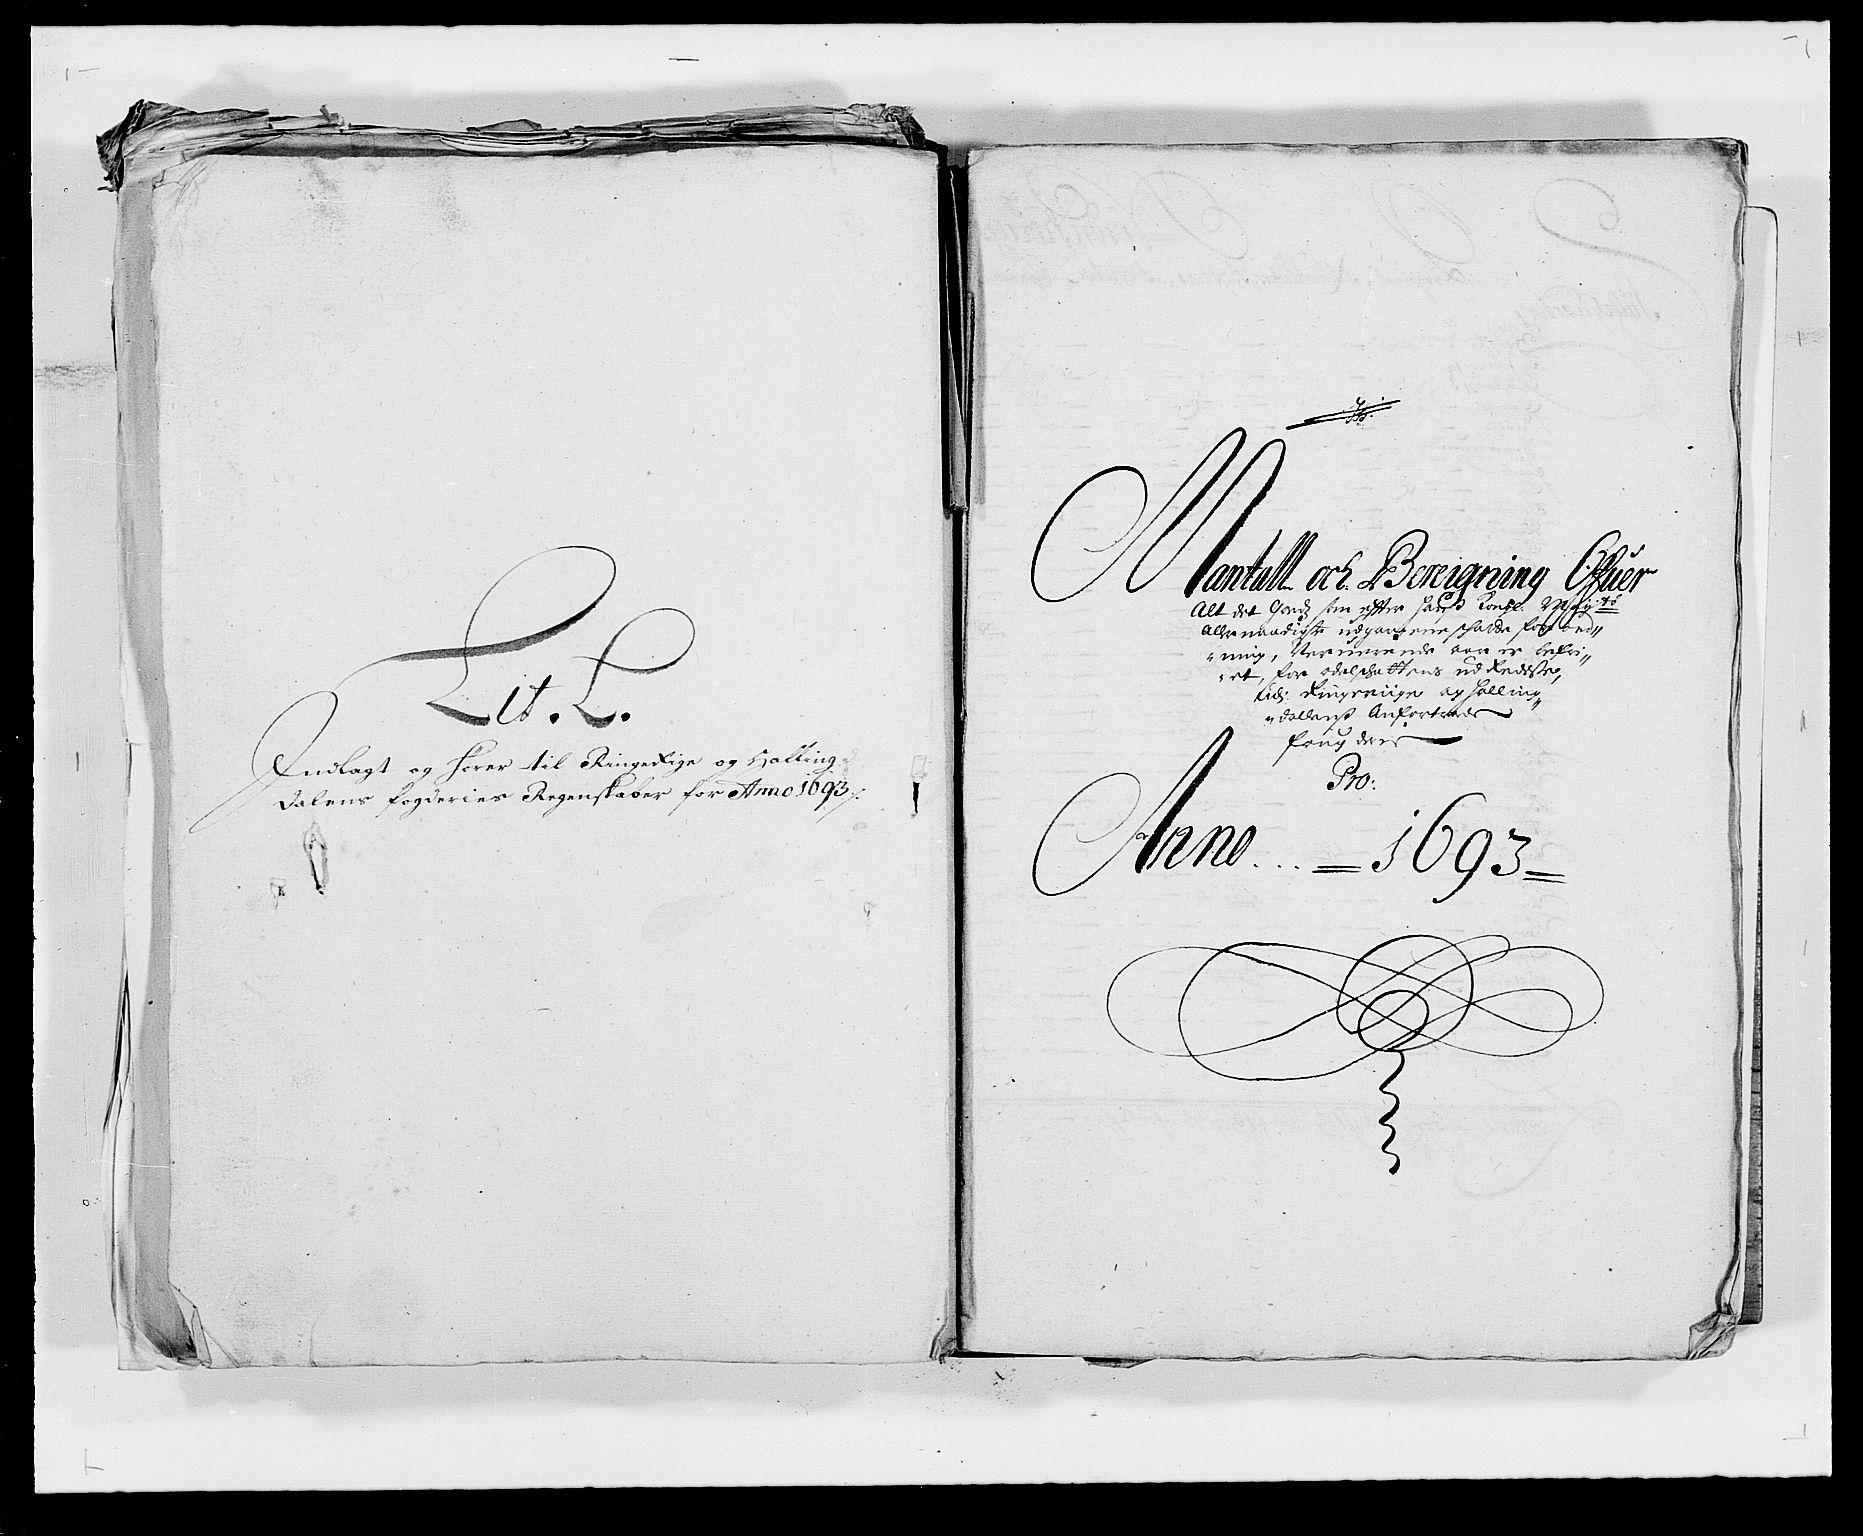 RA, Rentekammeret inntil 1814, Reviderte regnskaper, Fogderegnskap, R21/L1450: Fogderegnskap Ringerike og Hallingdal, 1693, s. 148